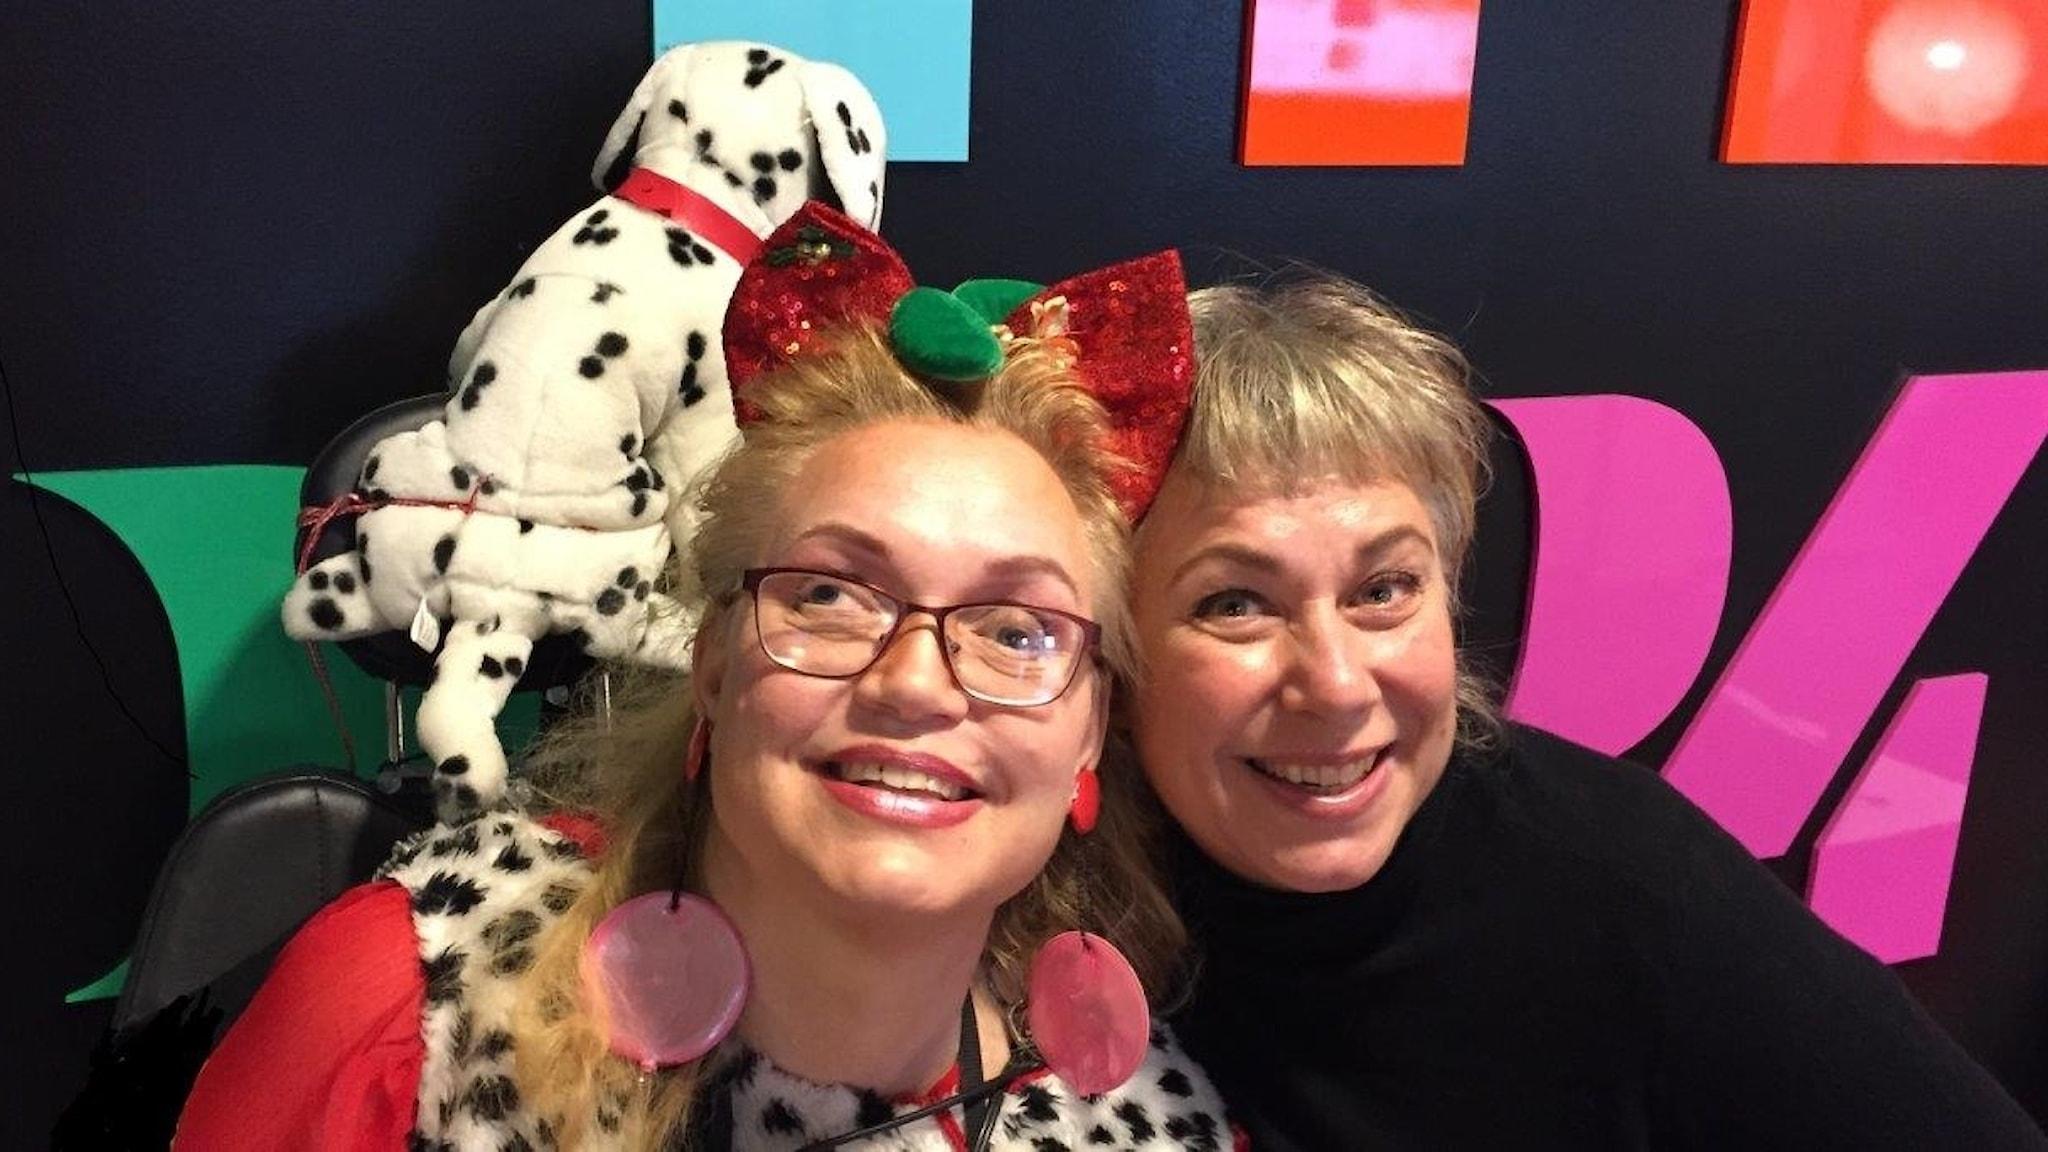 Söndagens gäst Sara Hallén med en gosedjursdalmatin och Stina Wollter. Foto: Johanna Fellenius / SR.